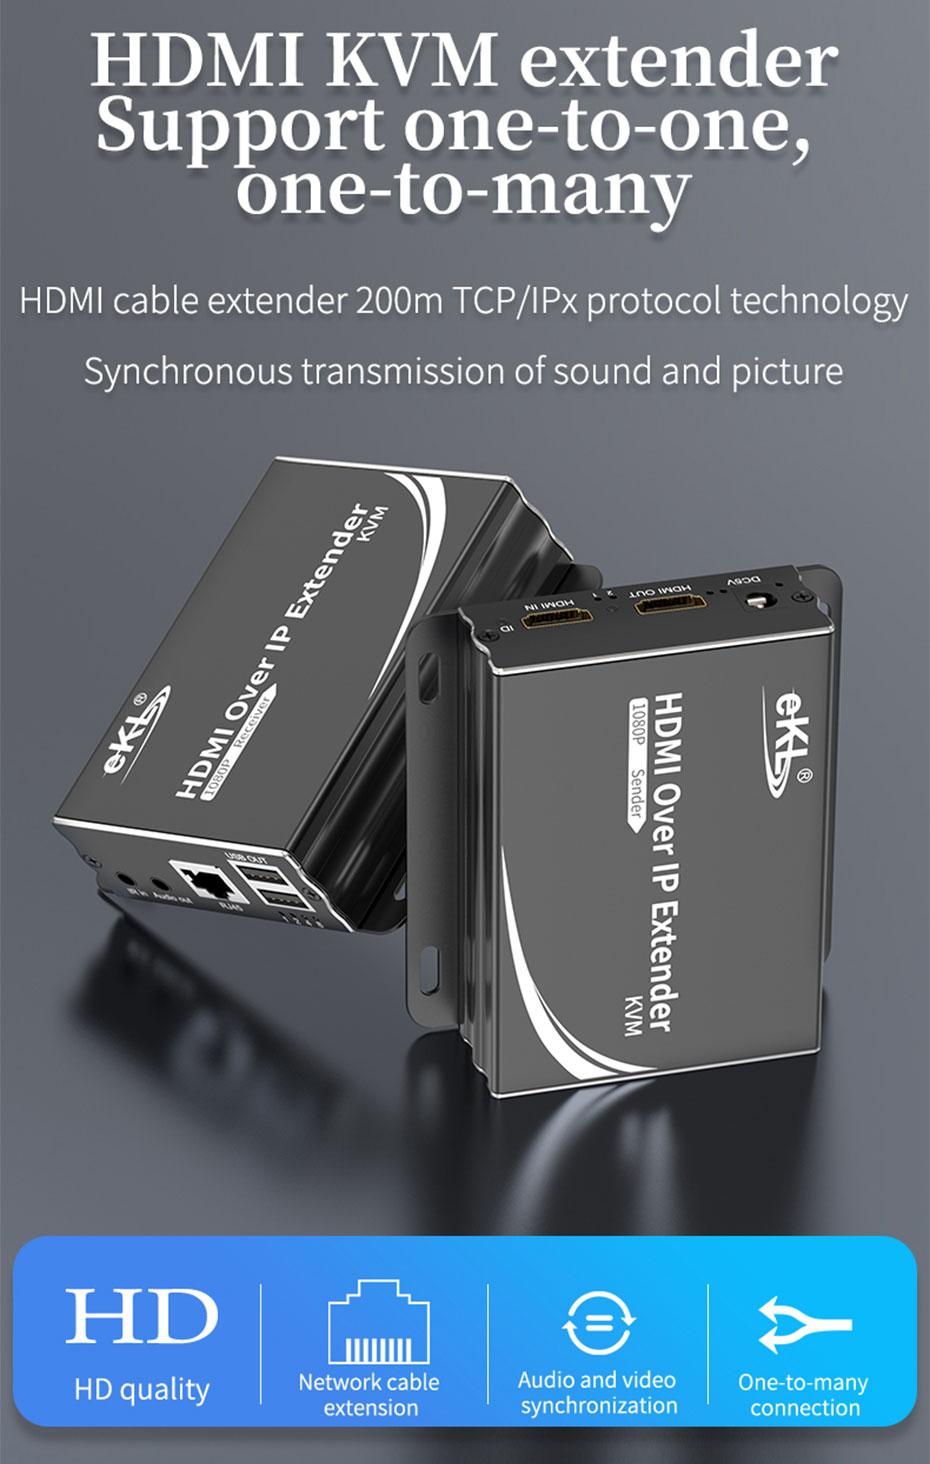 HDMI KVM extender 1 to many / many to many HU150